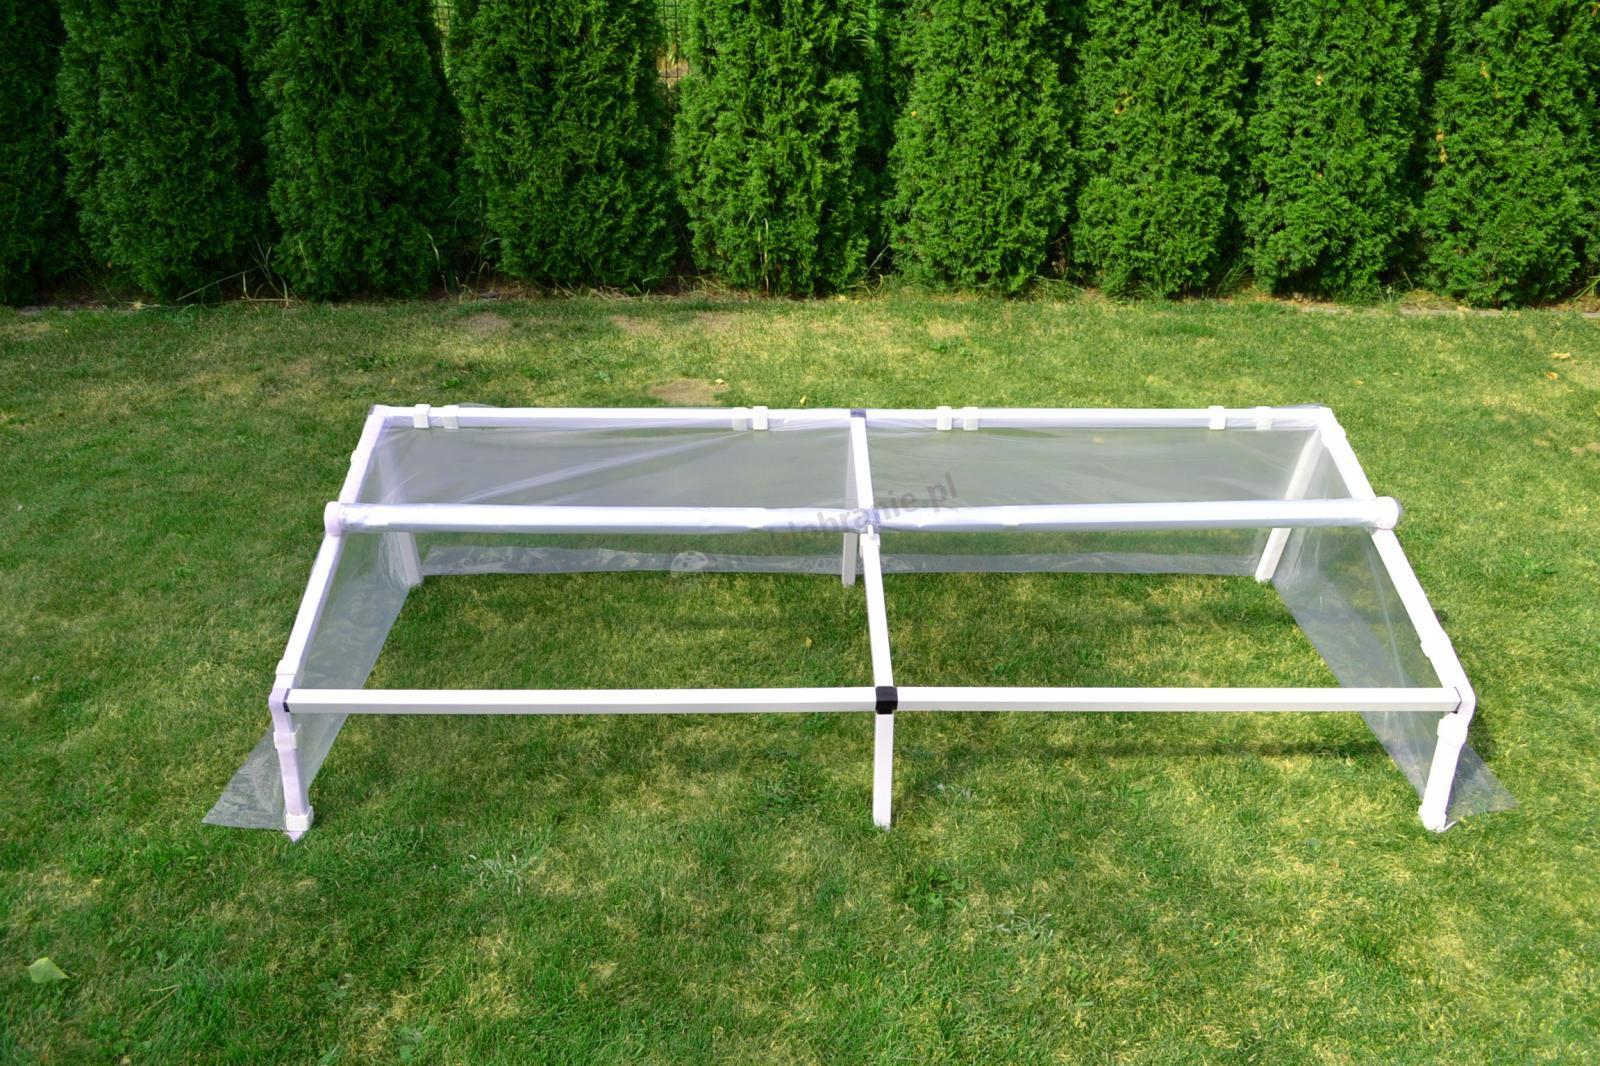 Rozsadnik – inspekt ogrodniczy 1x2 m - wnętrze